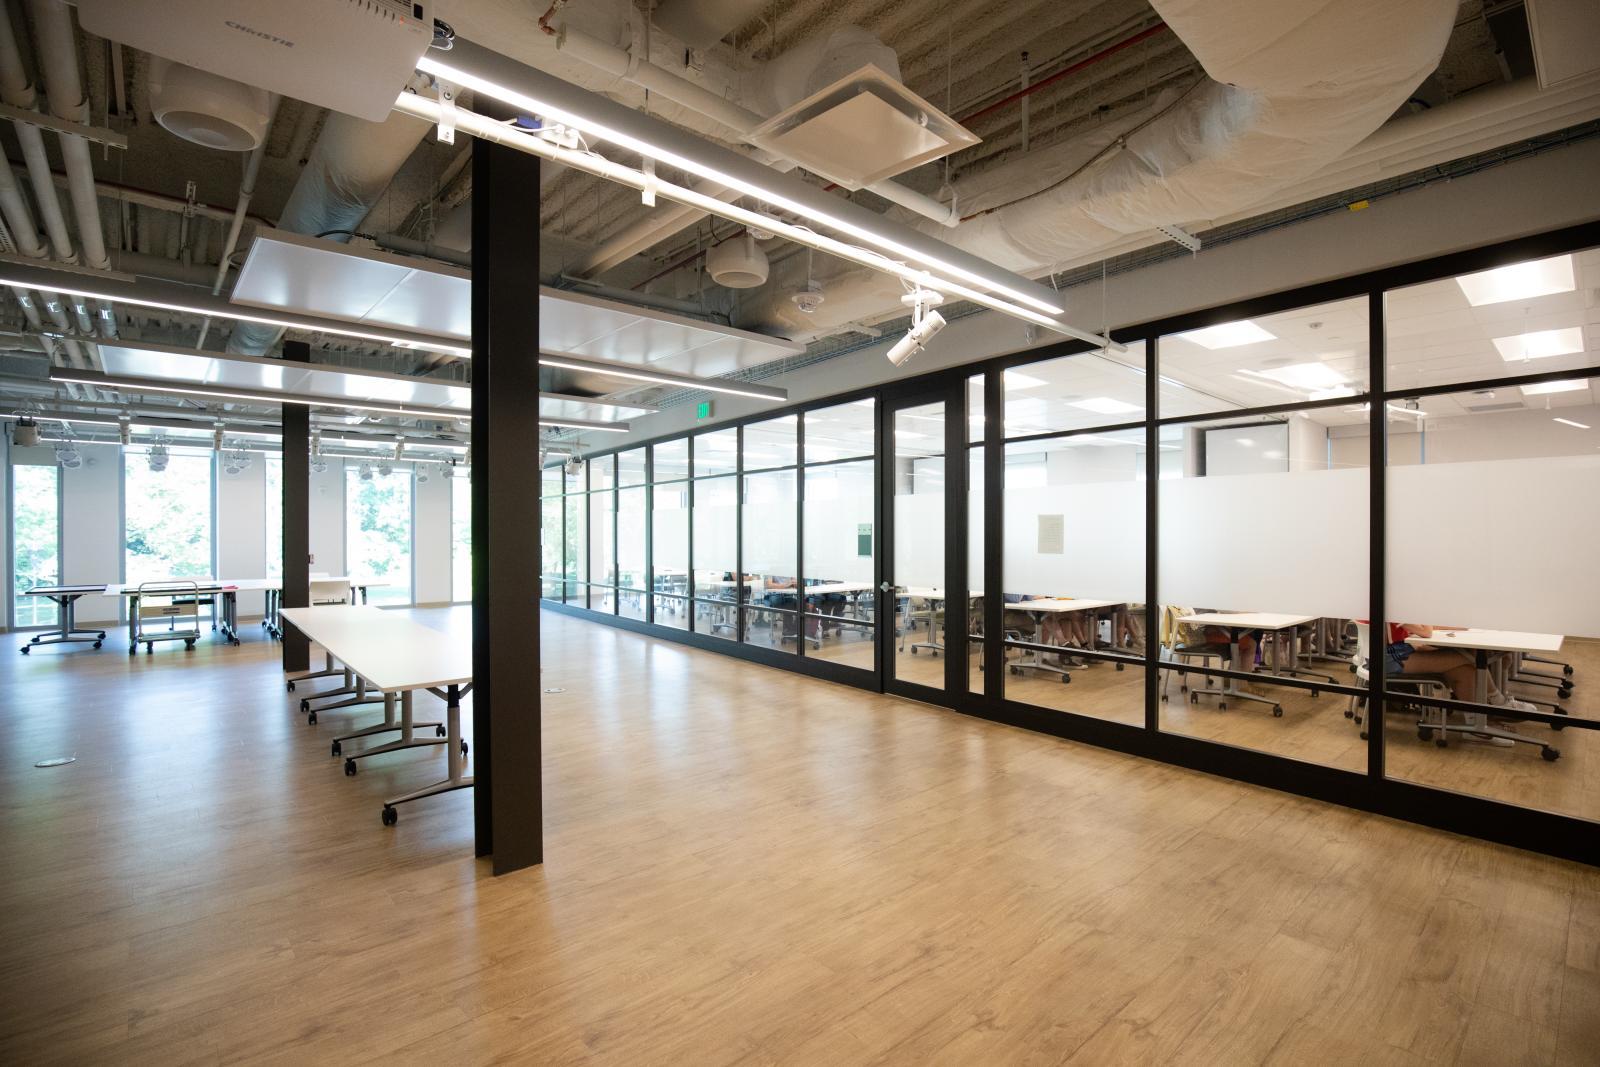 Empty classroom in StudiOC